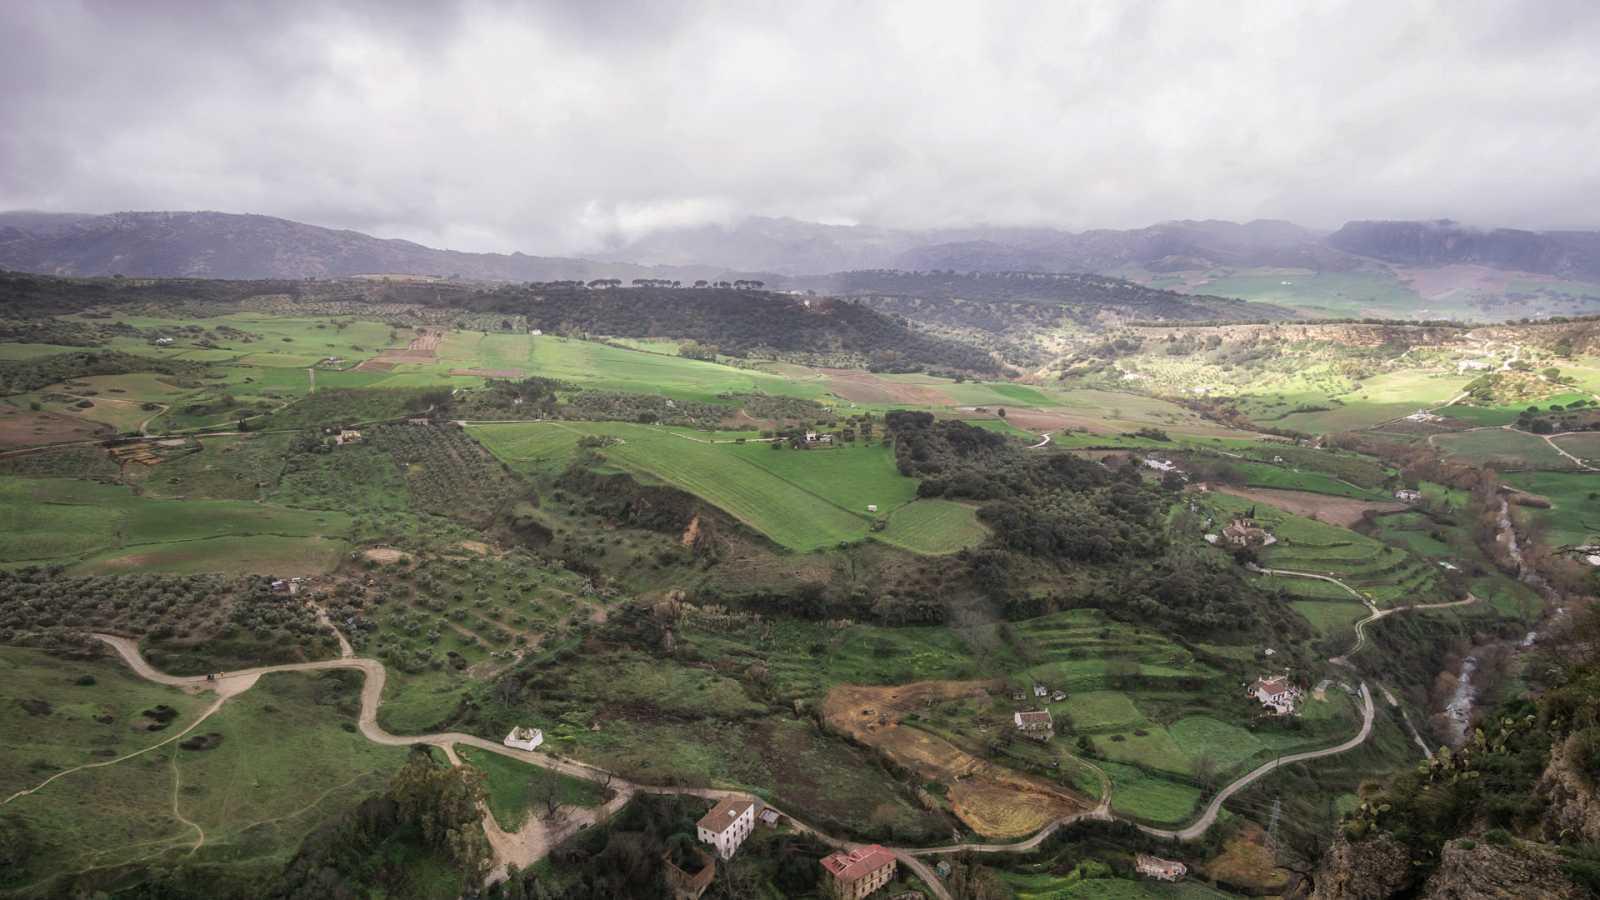 Lluvia mañana en Andalucía occidental, Málaga, sistema Central y Canarias - Ver ahora